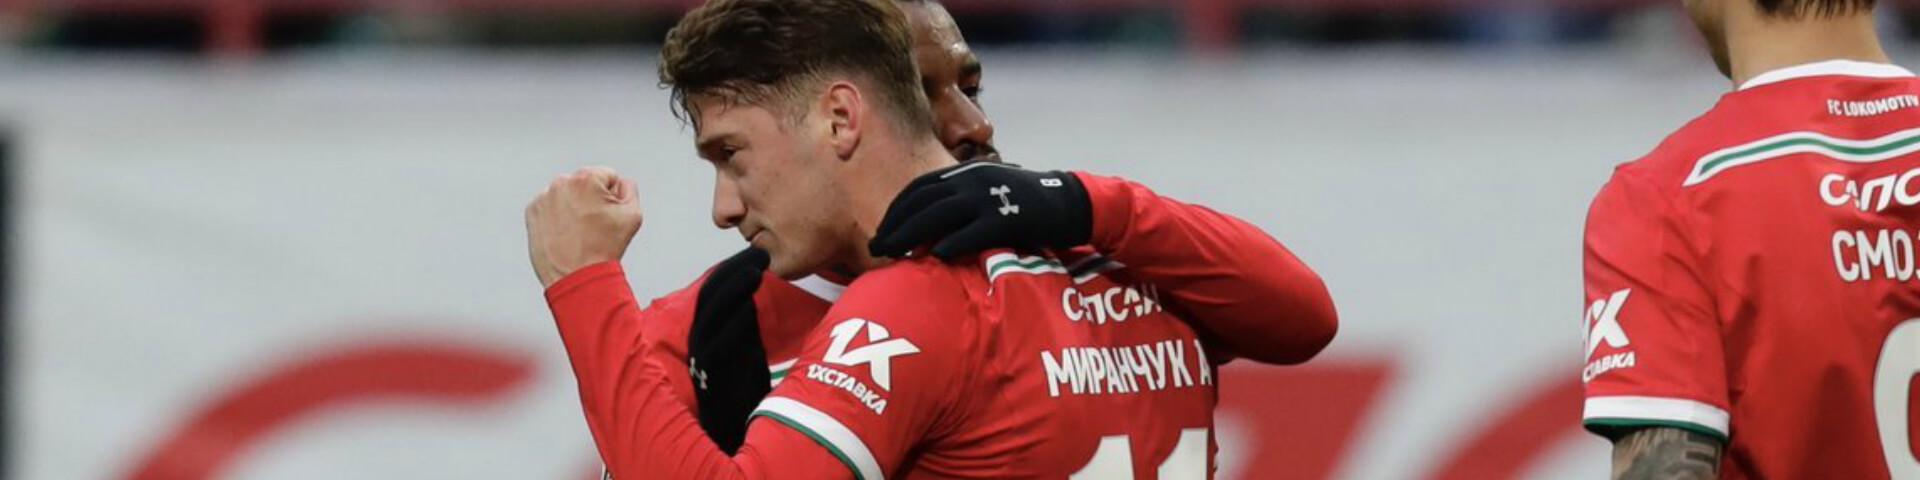 Букмекеры: «Локомотив» переиграет «Ростов» в первом матче Кубка России